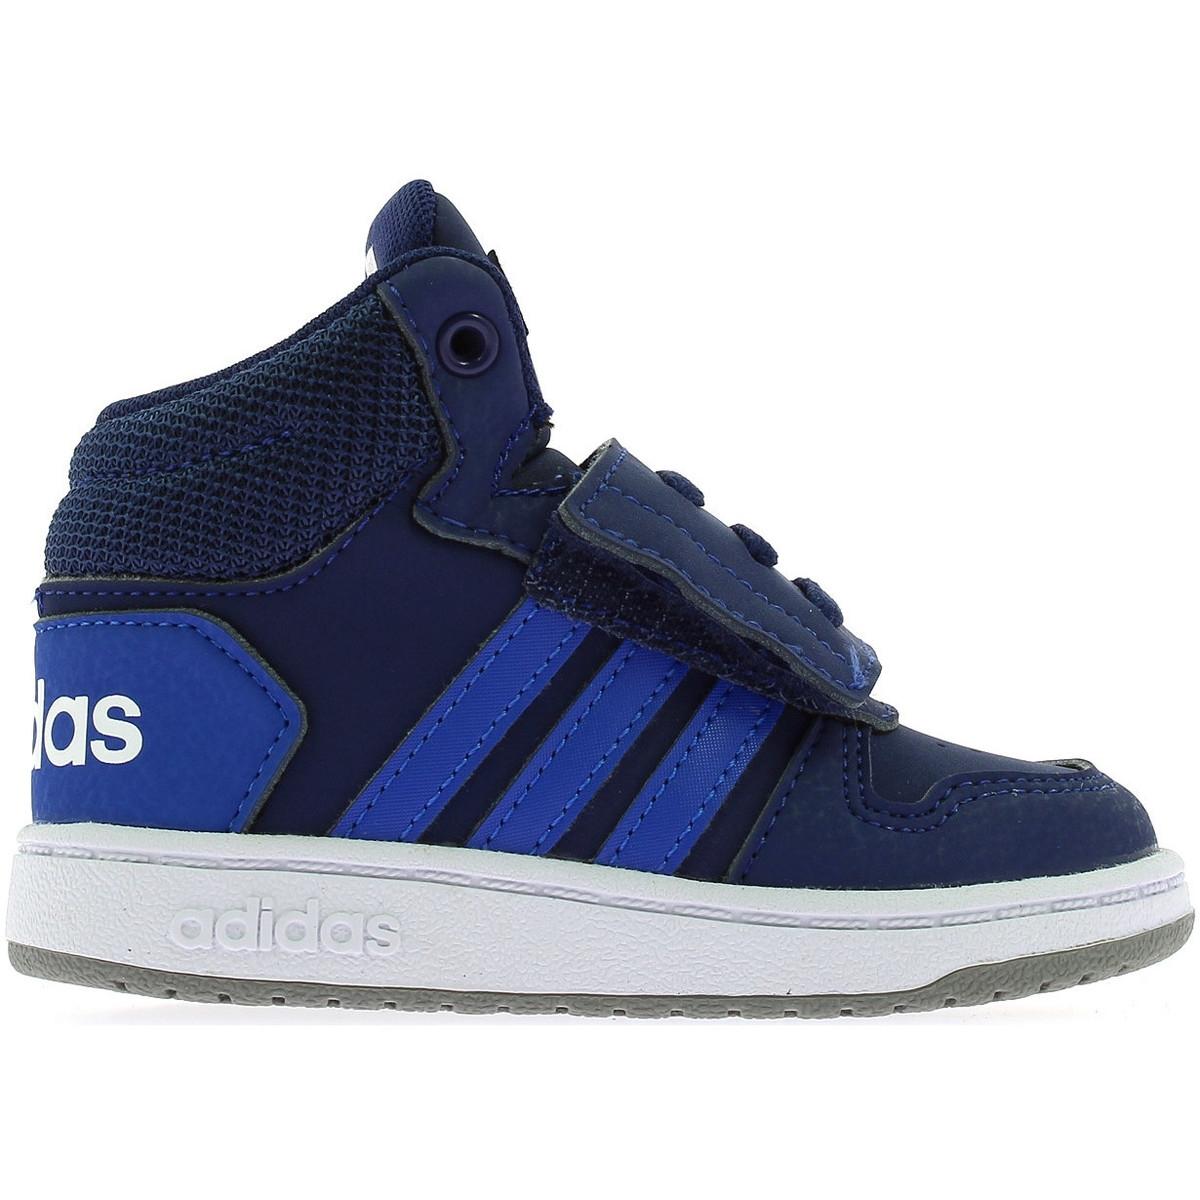 ADIDAS EE6714 HOOPS MID 2.0 sneakers scarpe alte bambino primi passi strappo | eBay